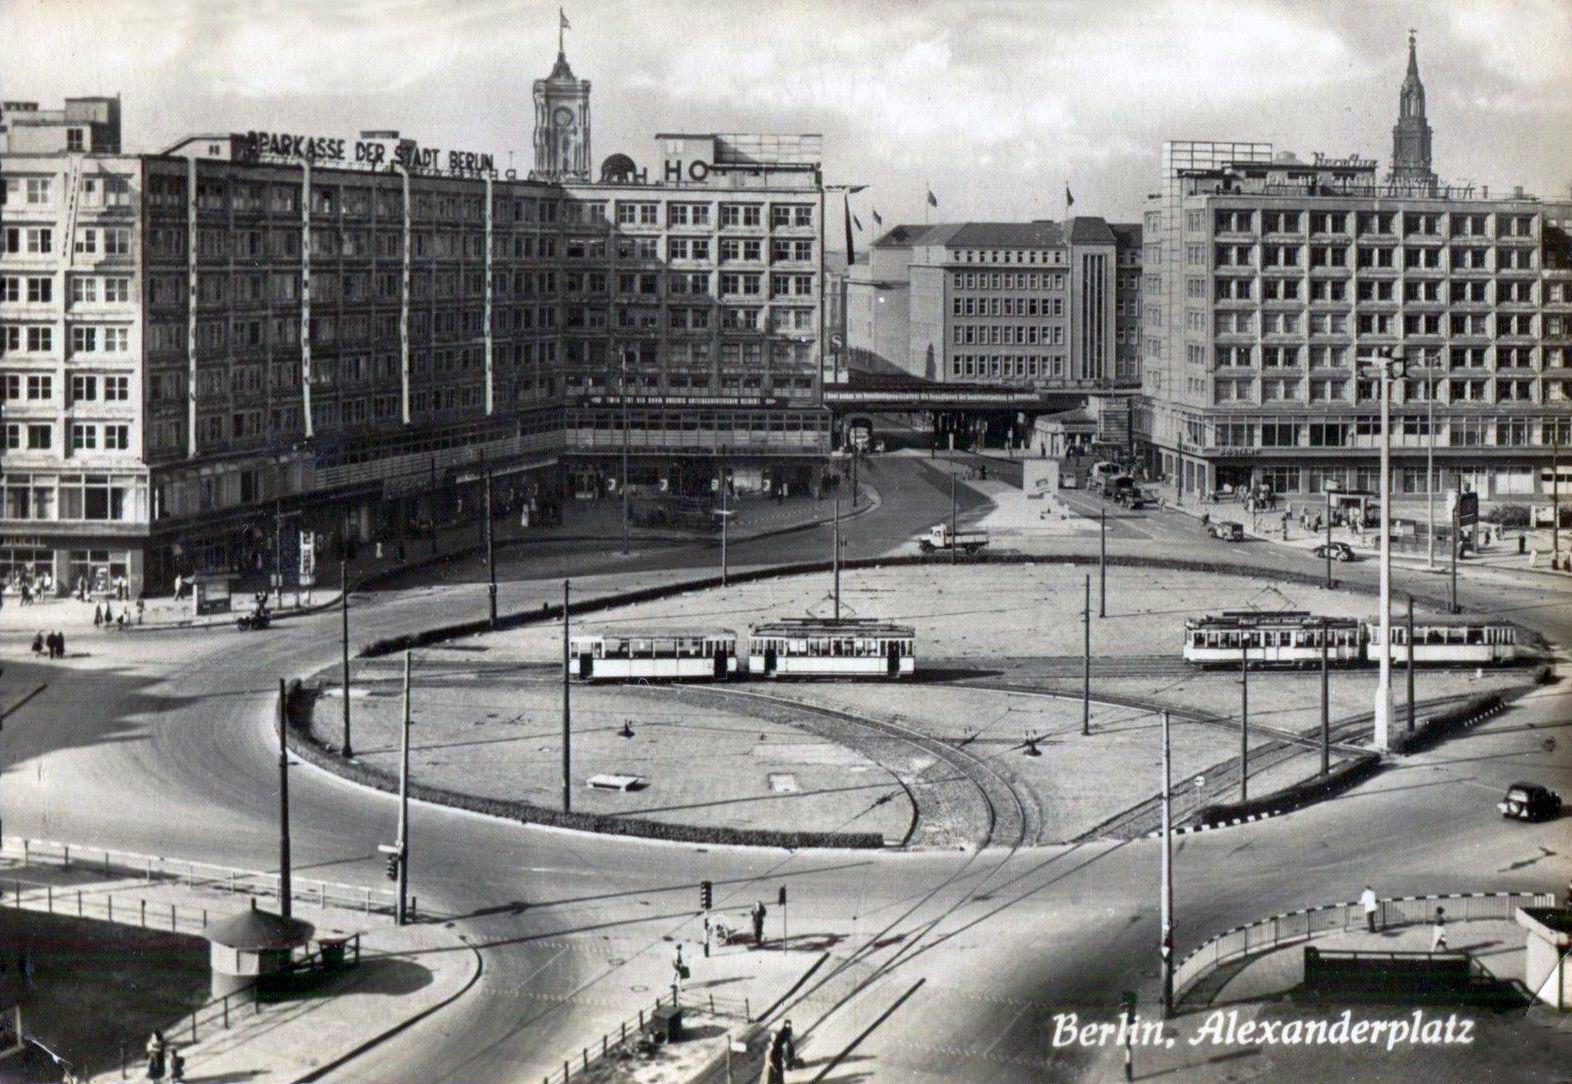 Potsdamer Platz Alexanderplatz